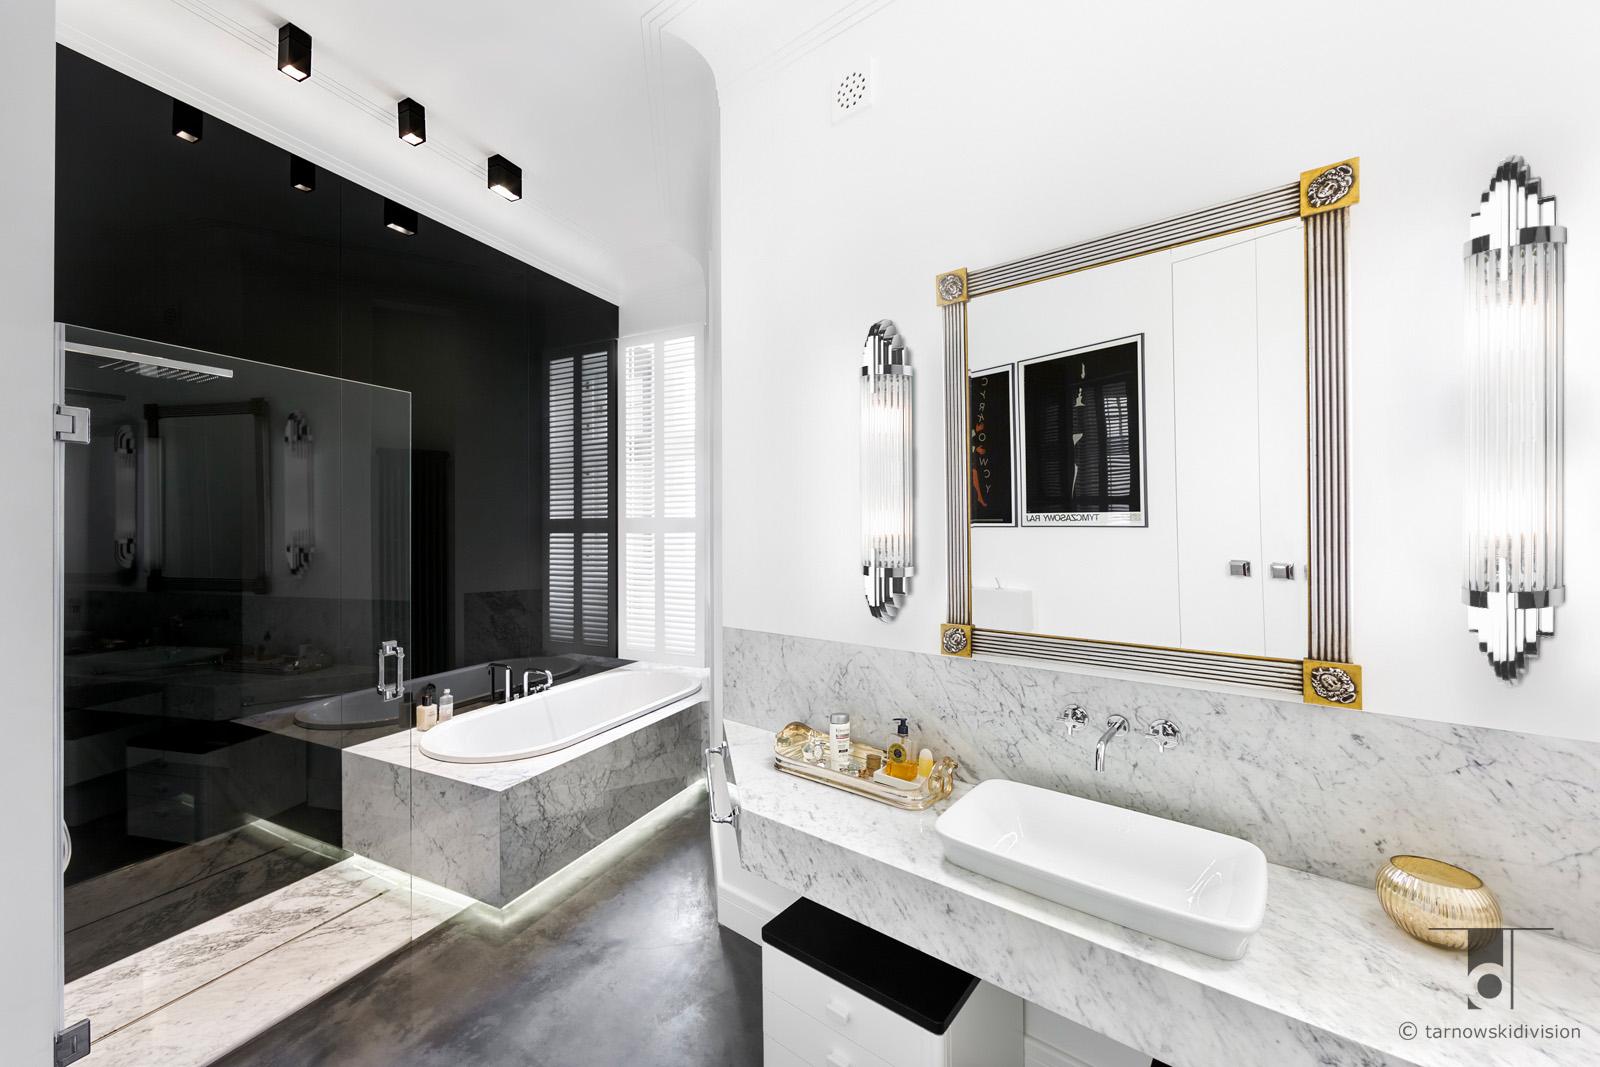 stylowa elegancka łazienka aranżacja wnętrz salonu kąpielowego classic luxury bathroom interior design_tarnowski division